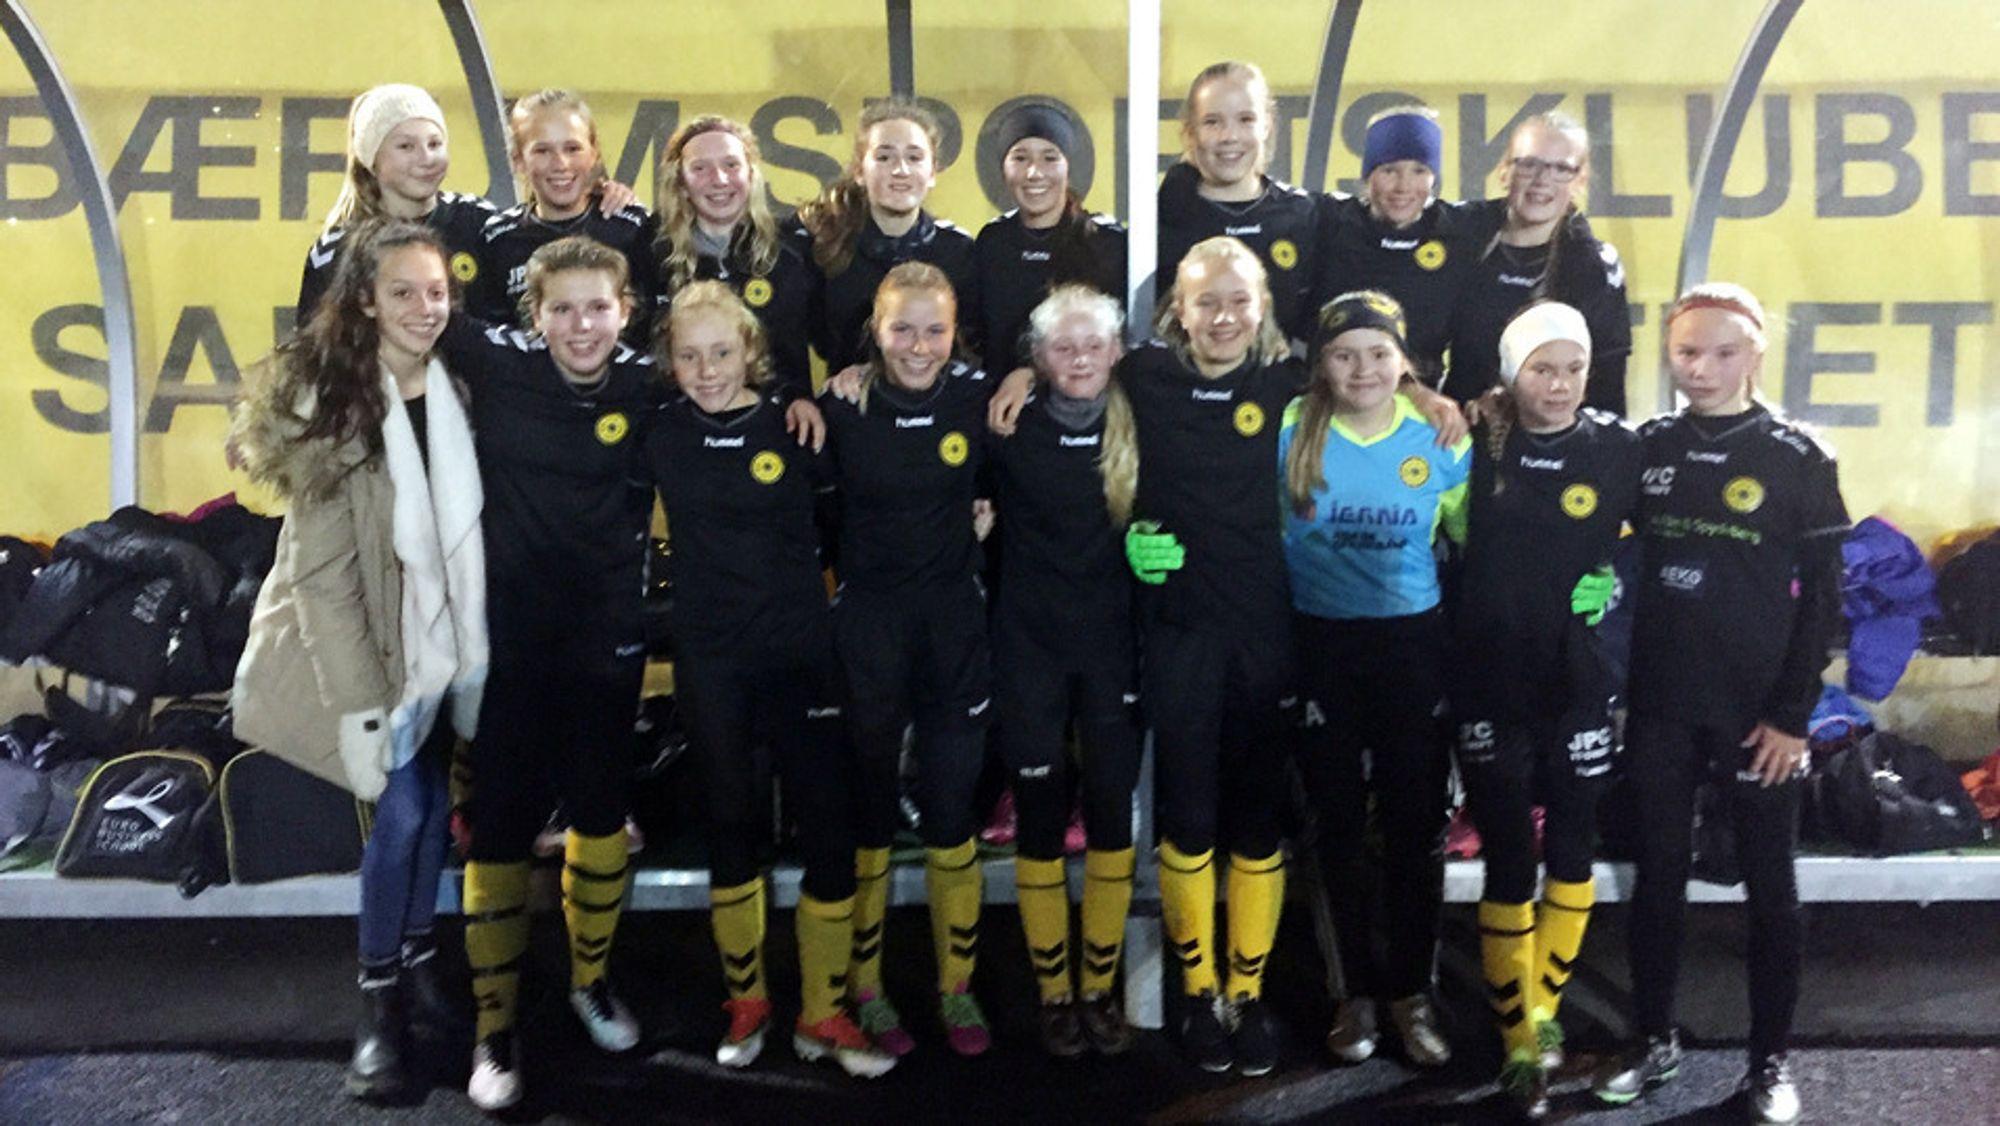 FRA SEMIEN: Her har Oppegård-jentene akkurat slått Bærum 1-3 på bortebane! Ikke rart smilene er store!